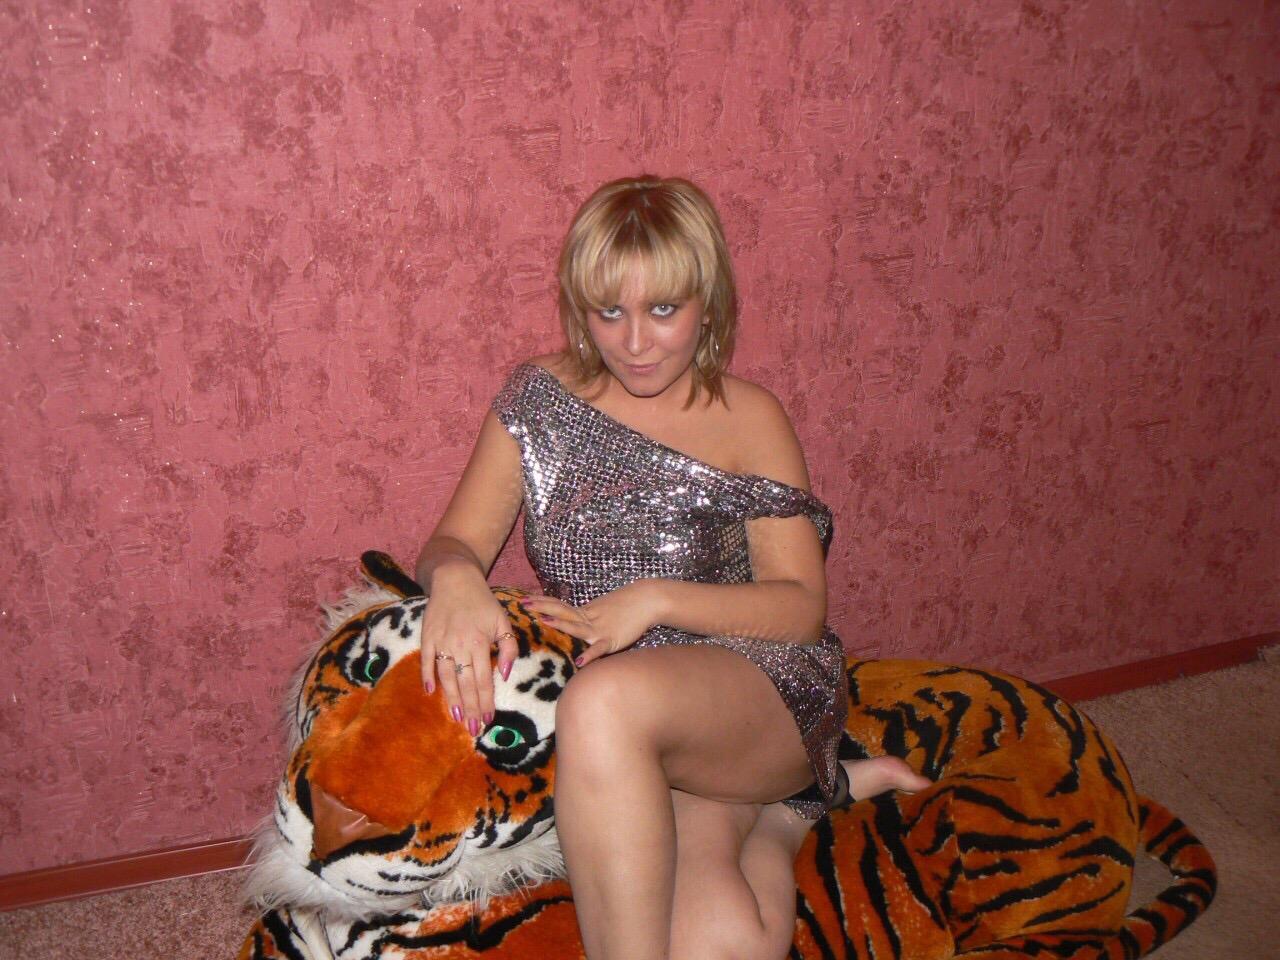 tigrica, opasna, djevojka